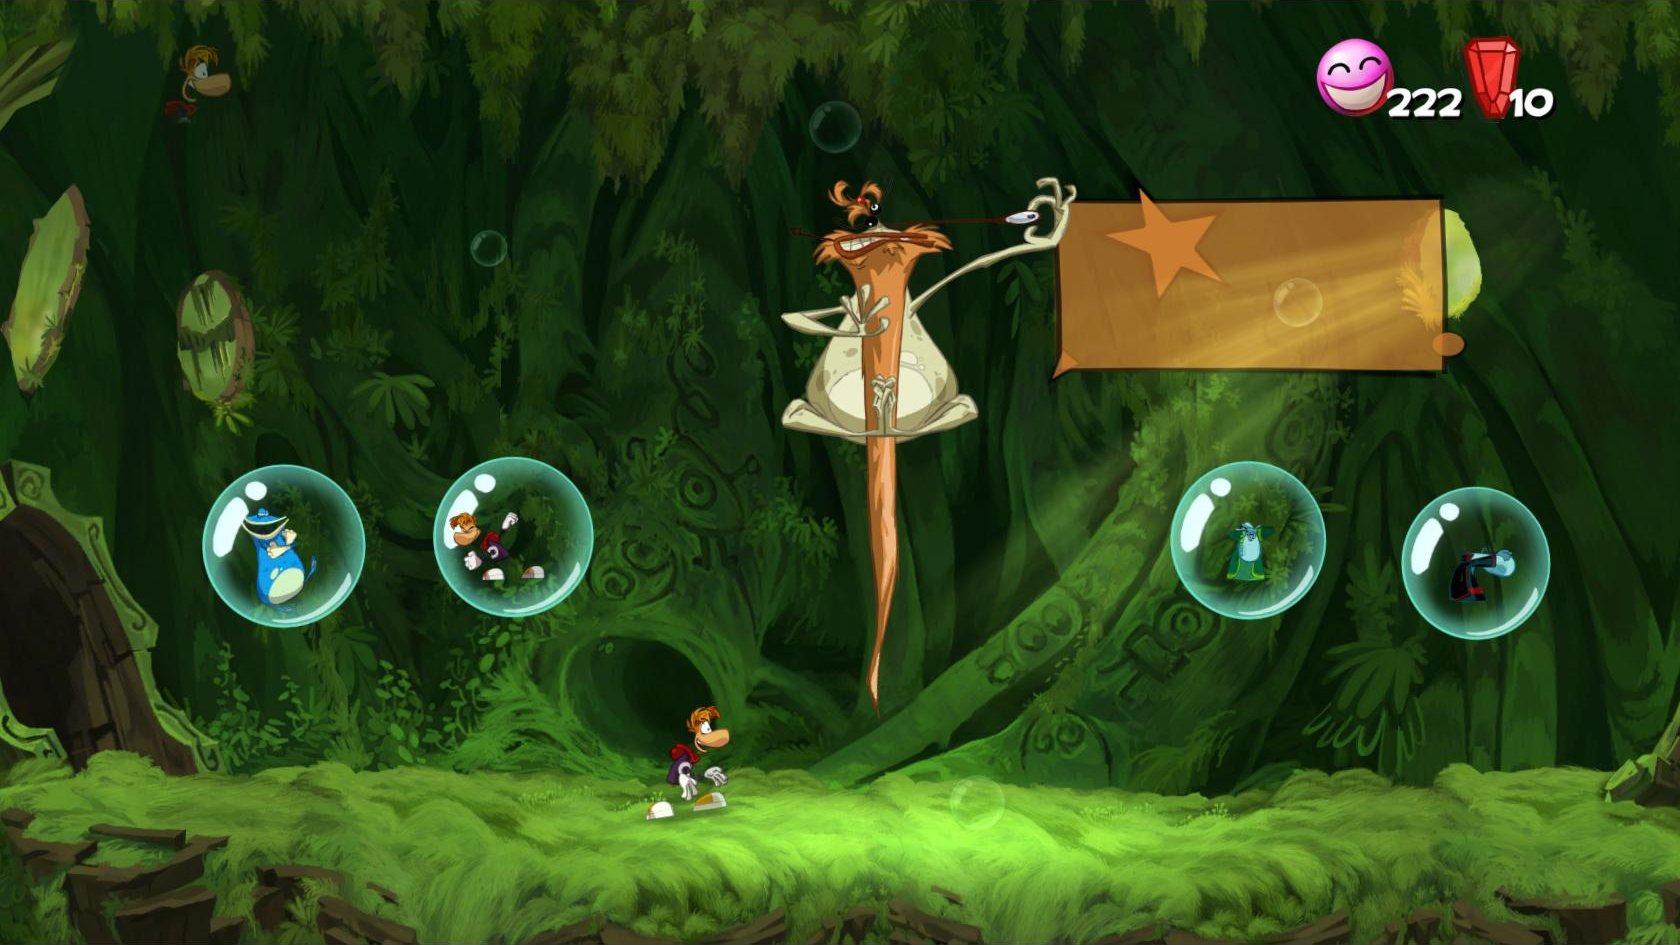 Les différentes... euh... créatures dans Rayman Origins.